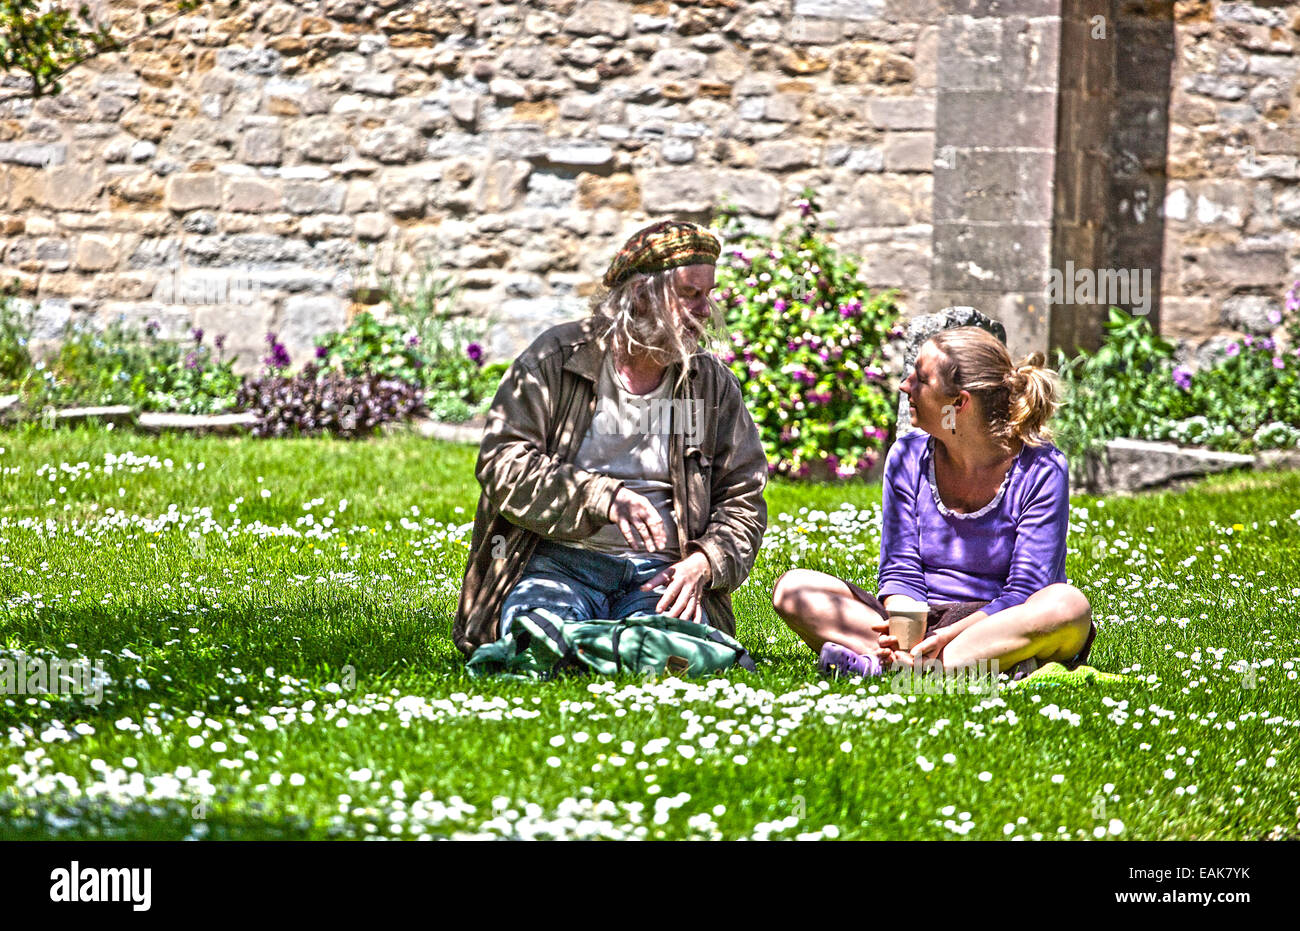 2 Menschen PPE, ein Weibchen, 1 Männchen sitzen in einem Feld und reden im Vereinigten Königreich im Sommer. Stockbild